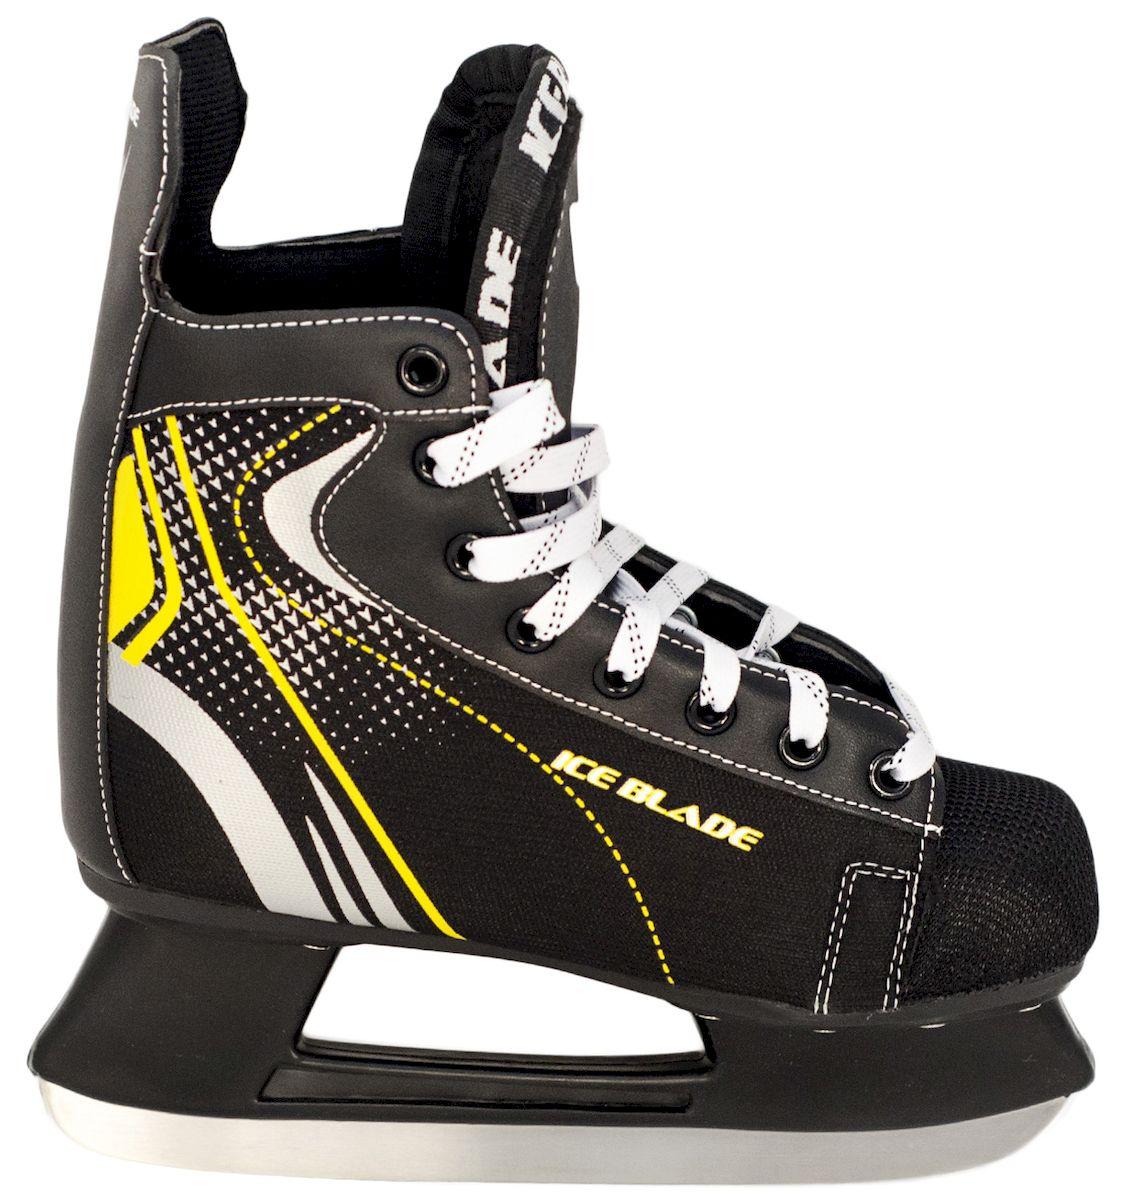 Коньки хоккейные Ice Blade Shark, цвет: черный, желтый. УТ-00006841. Размер 37